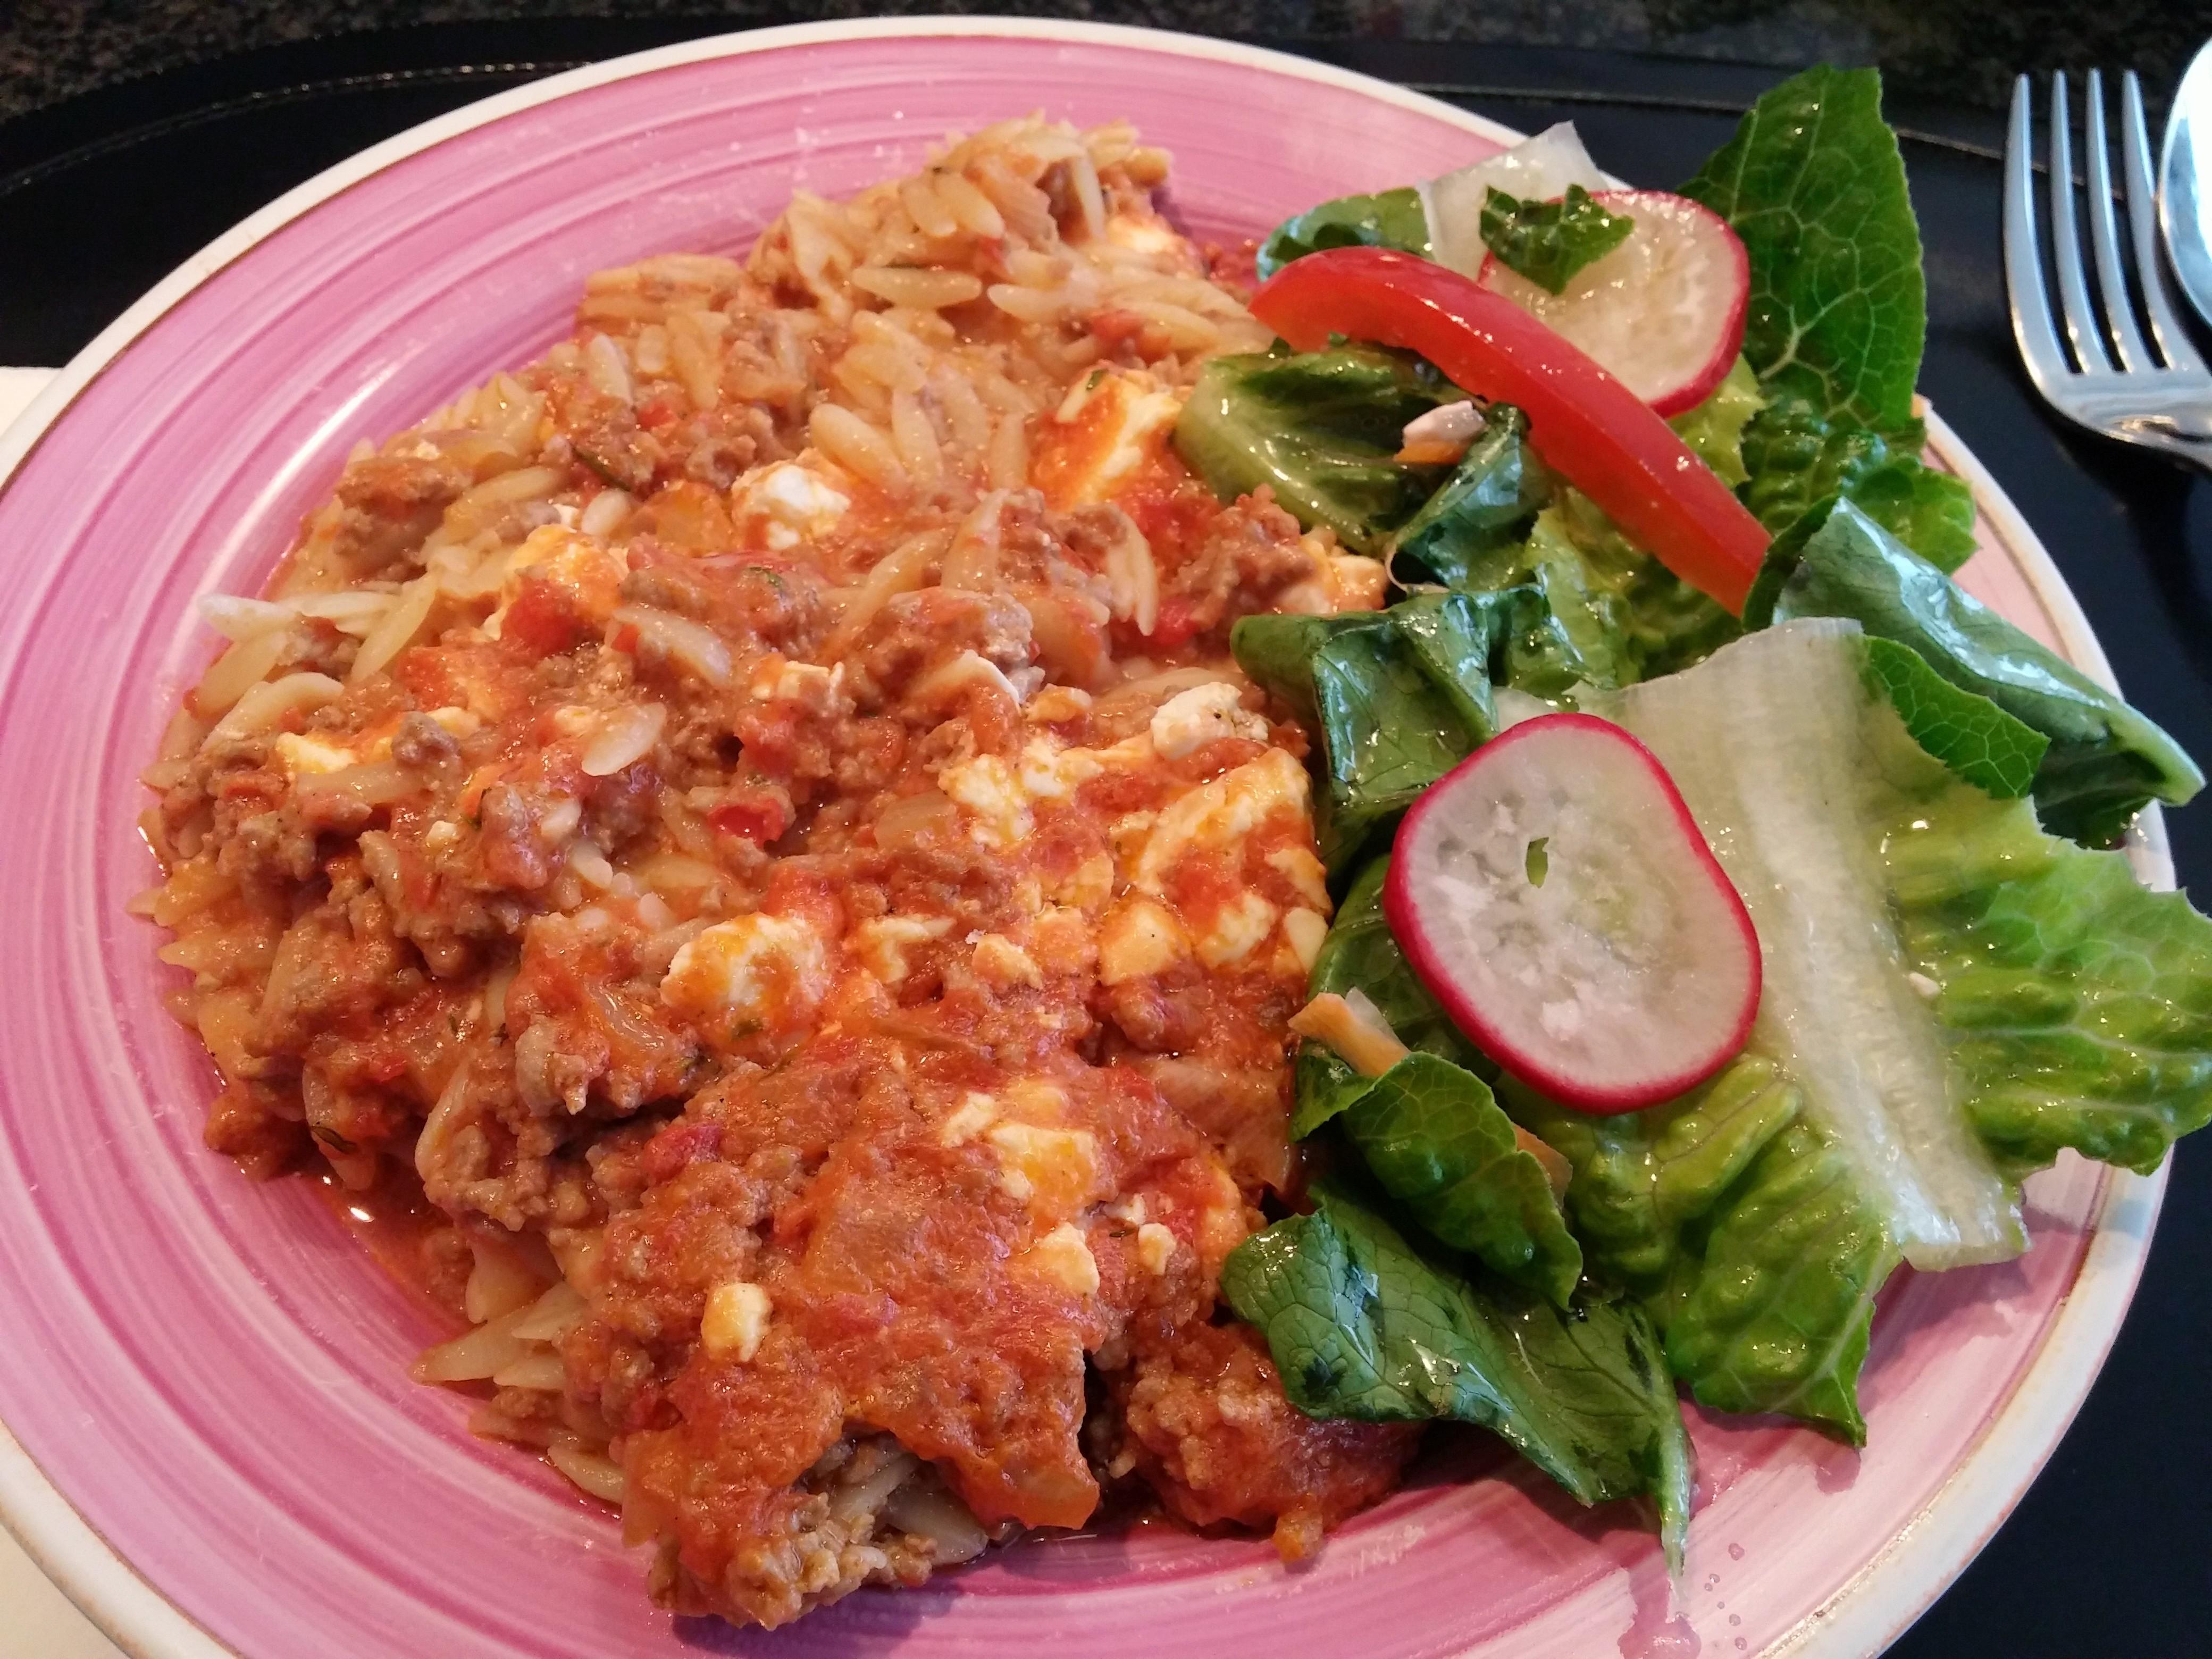 https://foodloader.net/nico_2014-07-12_nudelauflauf-mit-hackfleisch-feta-und-salat.jpg